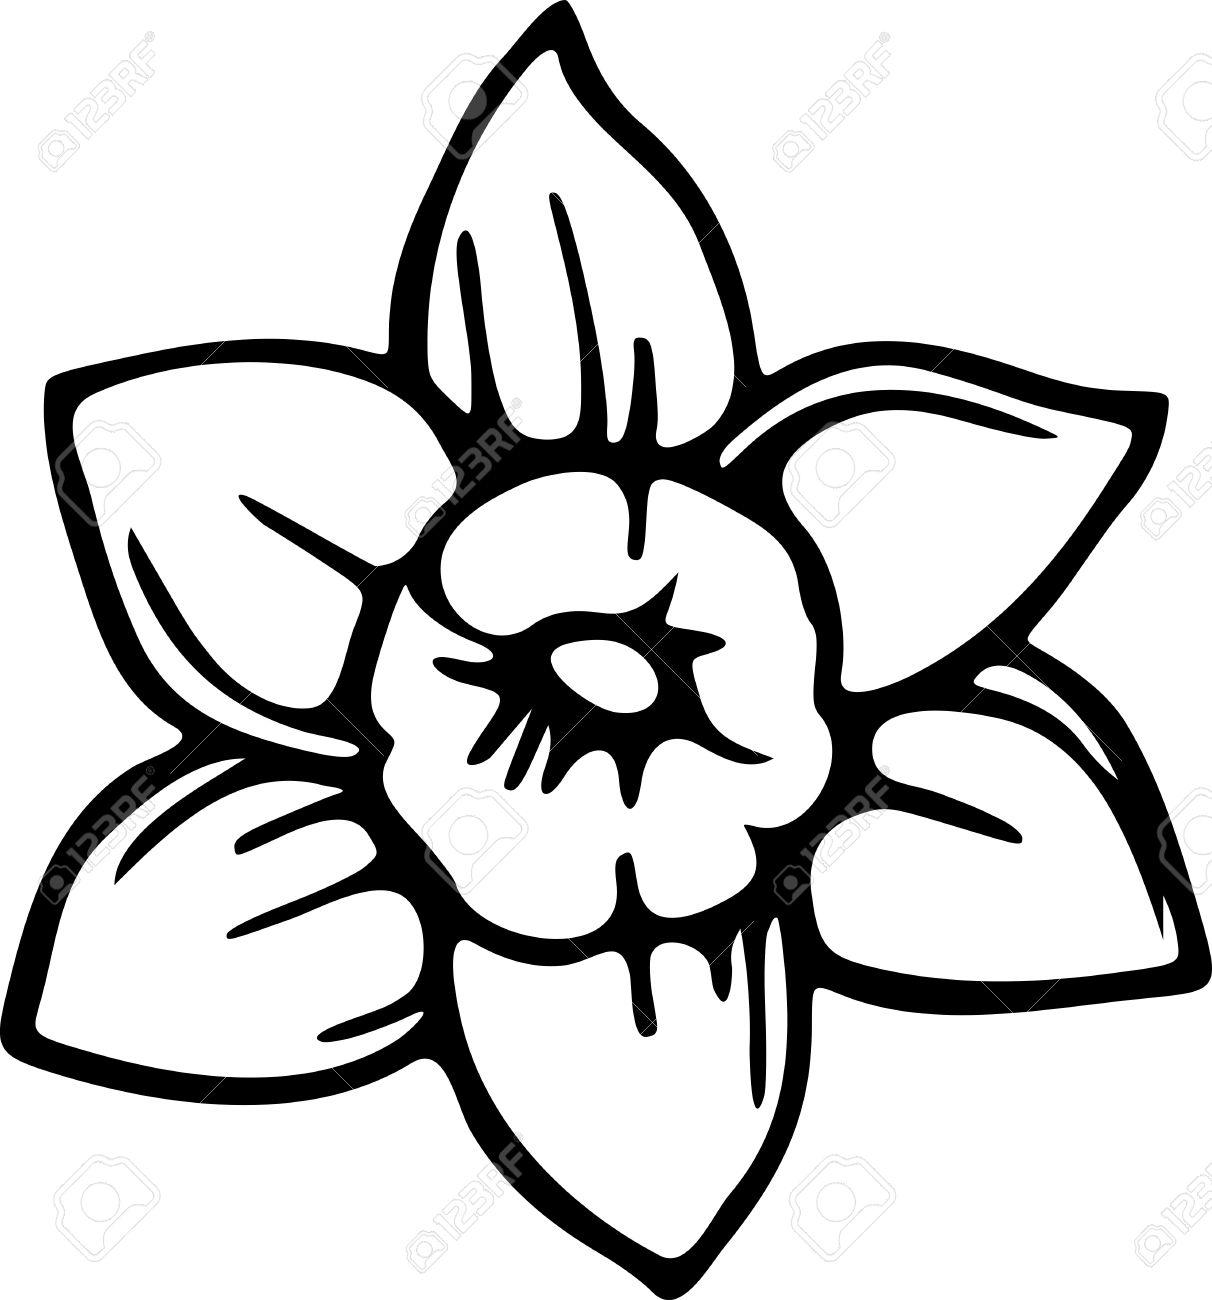 dessin simple d'une fleur